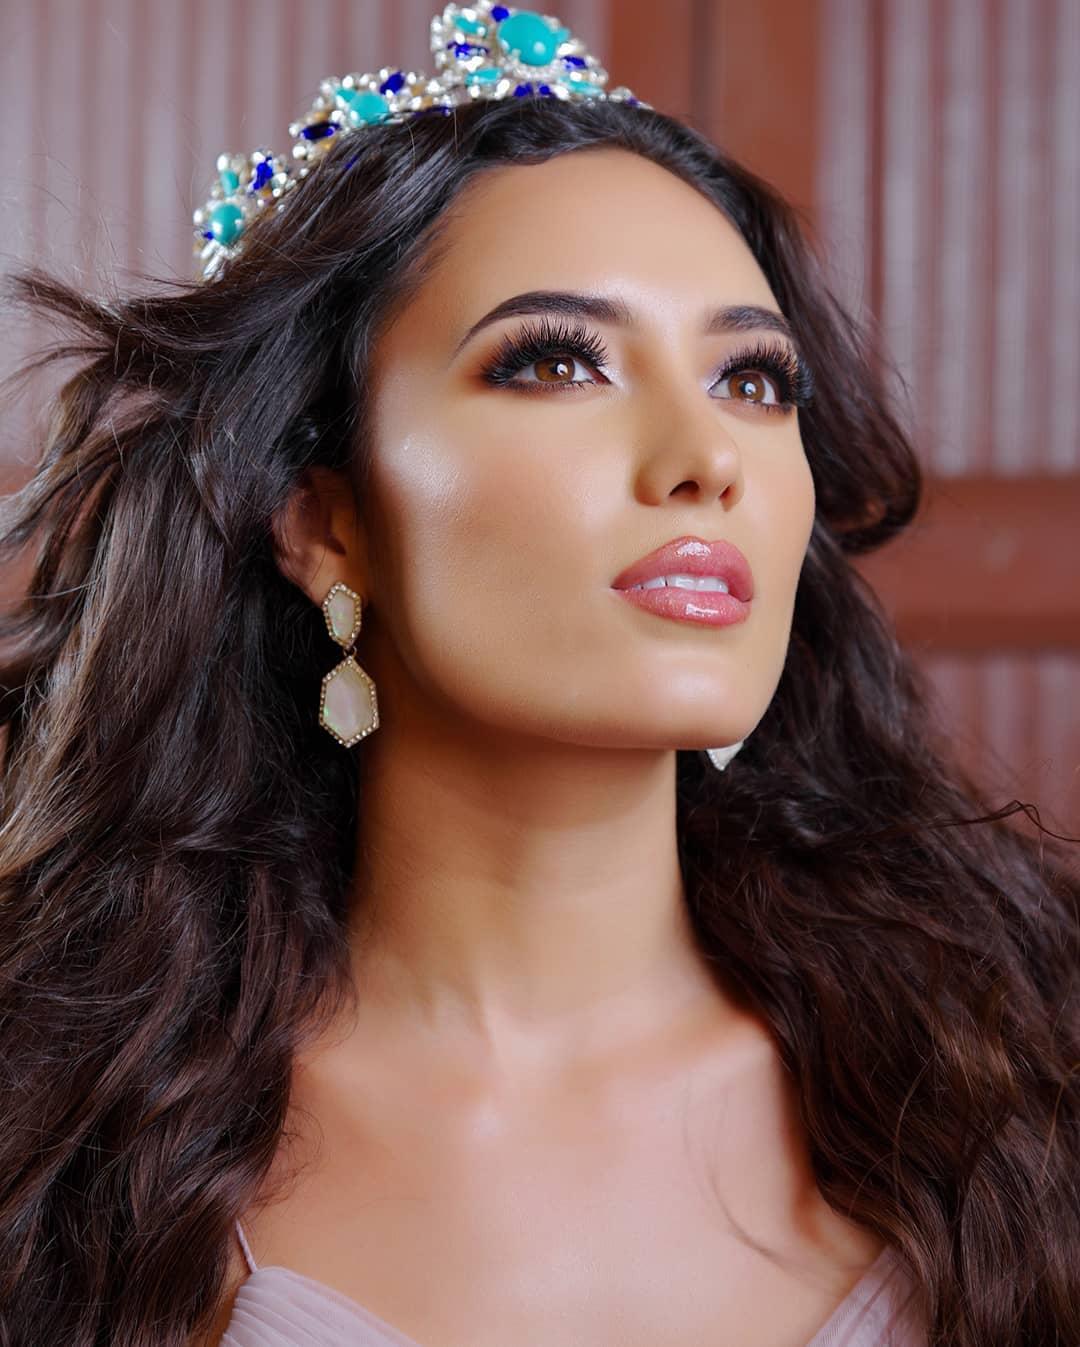 karolina vidales, candidata a miss mexico 2020, representando michoacan. - Página 9 68832711